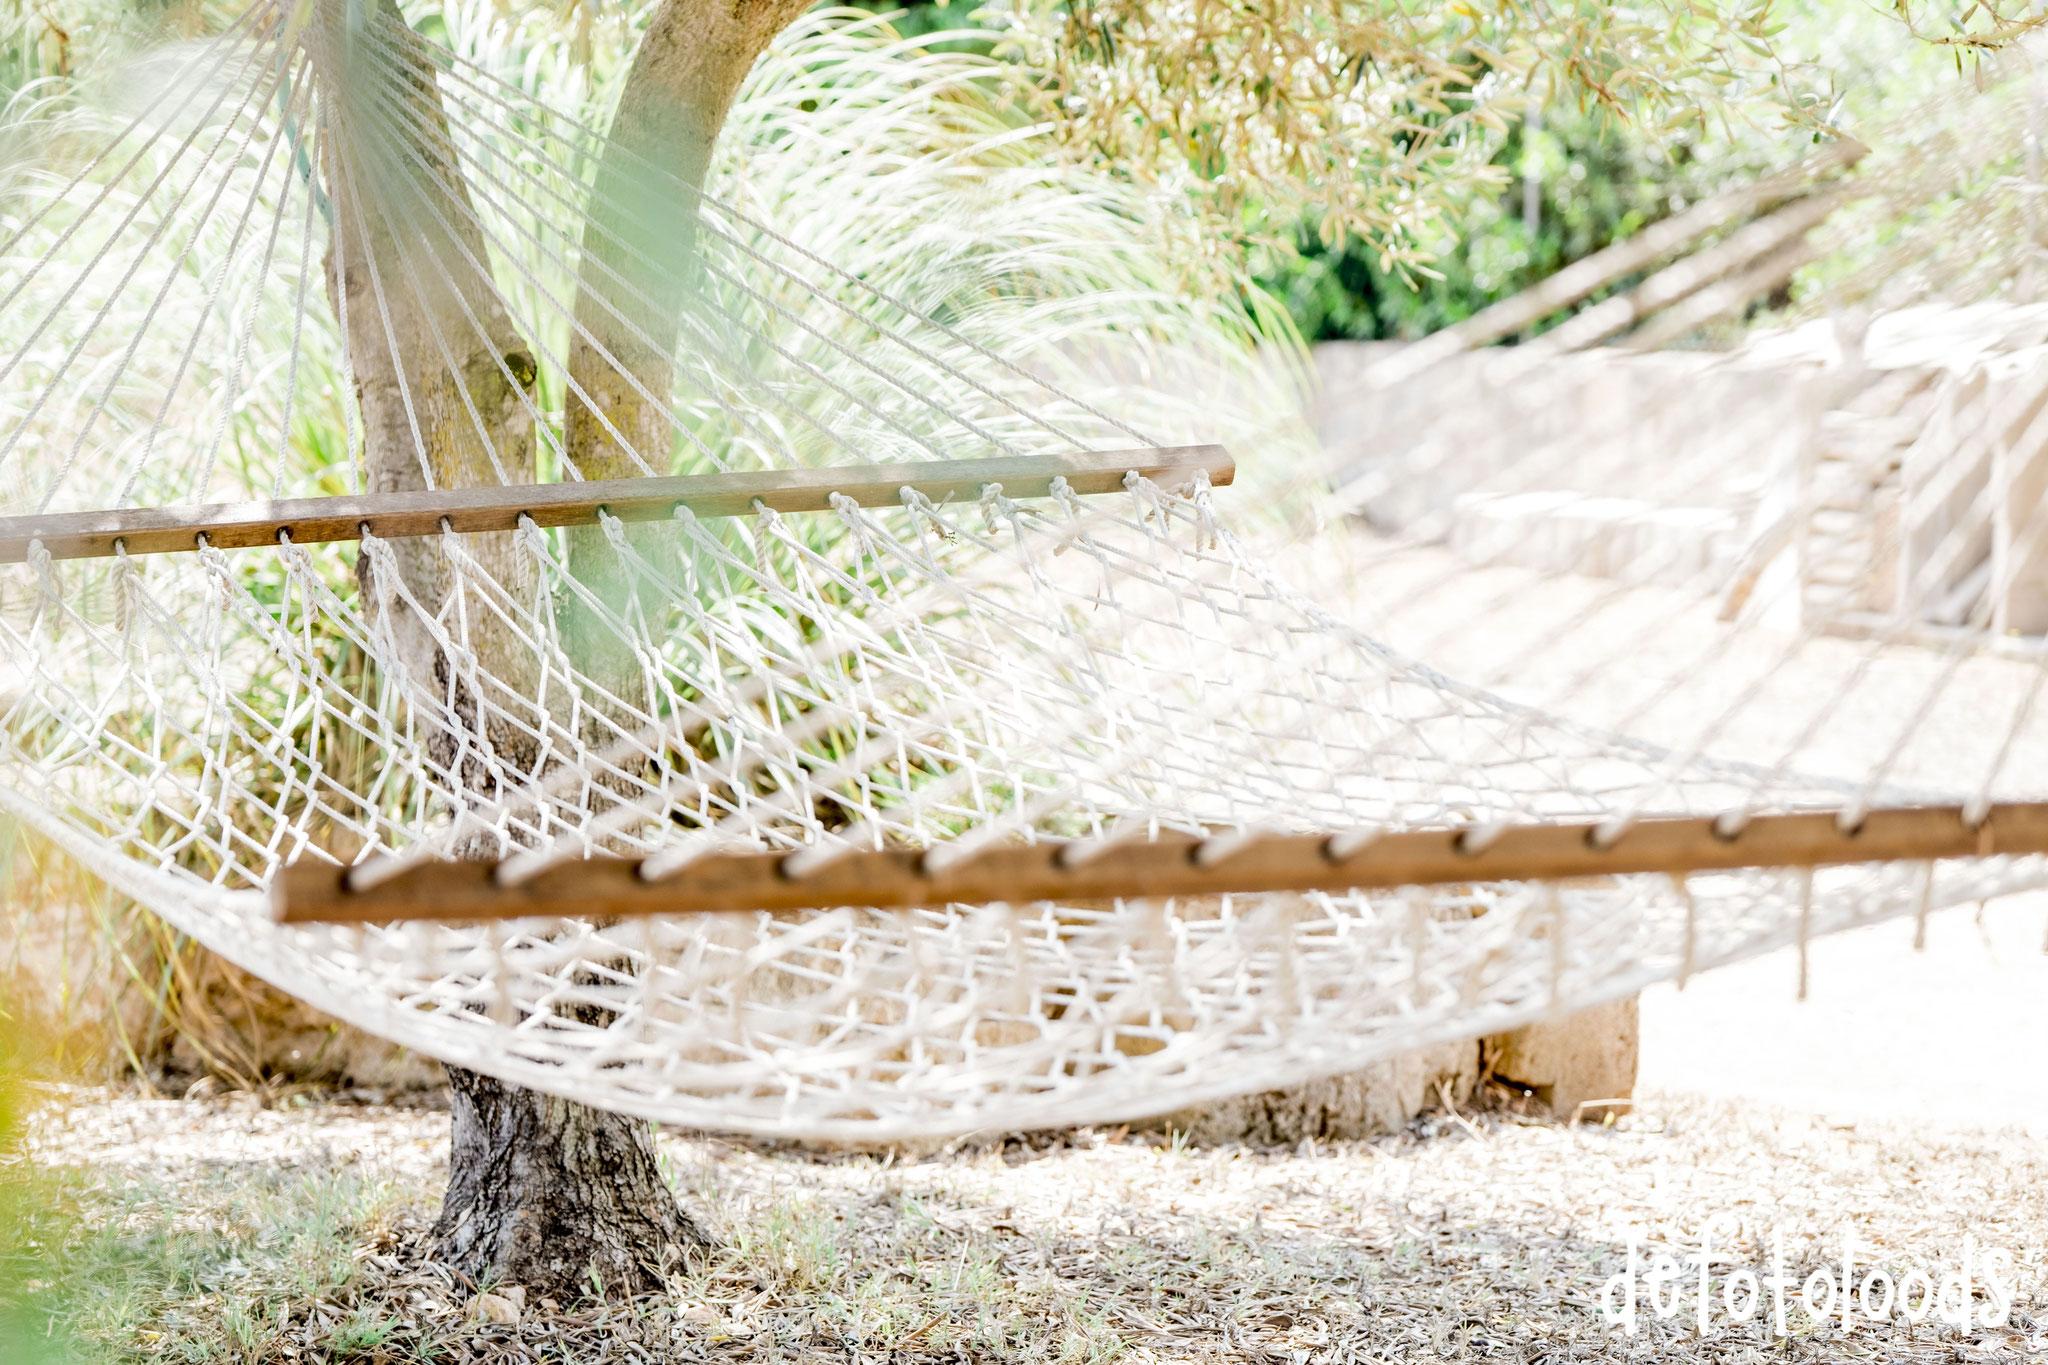 Ein Entspannungsplatz betrachtet durch die Linse von Merel